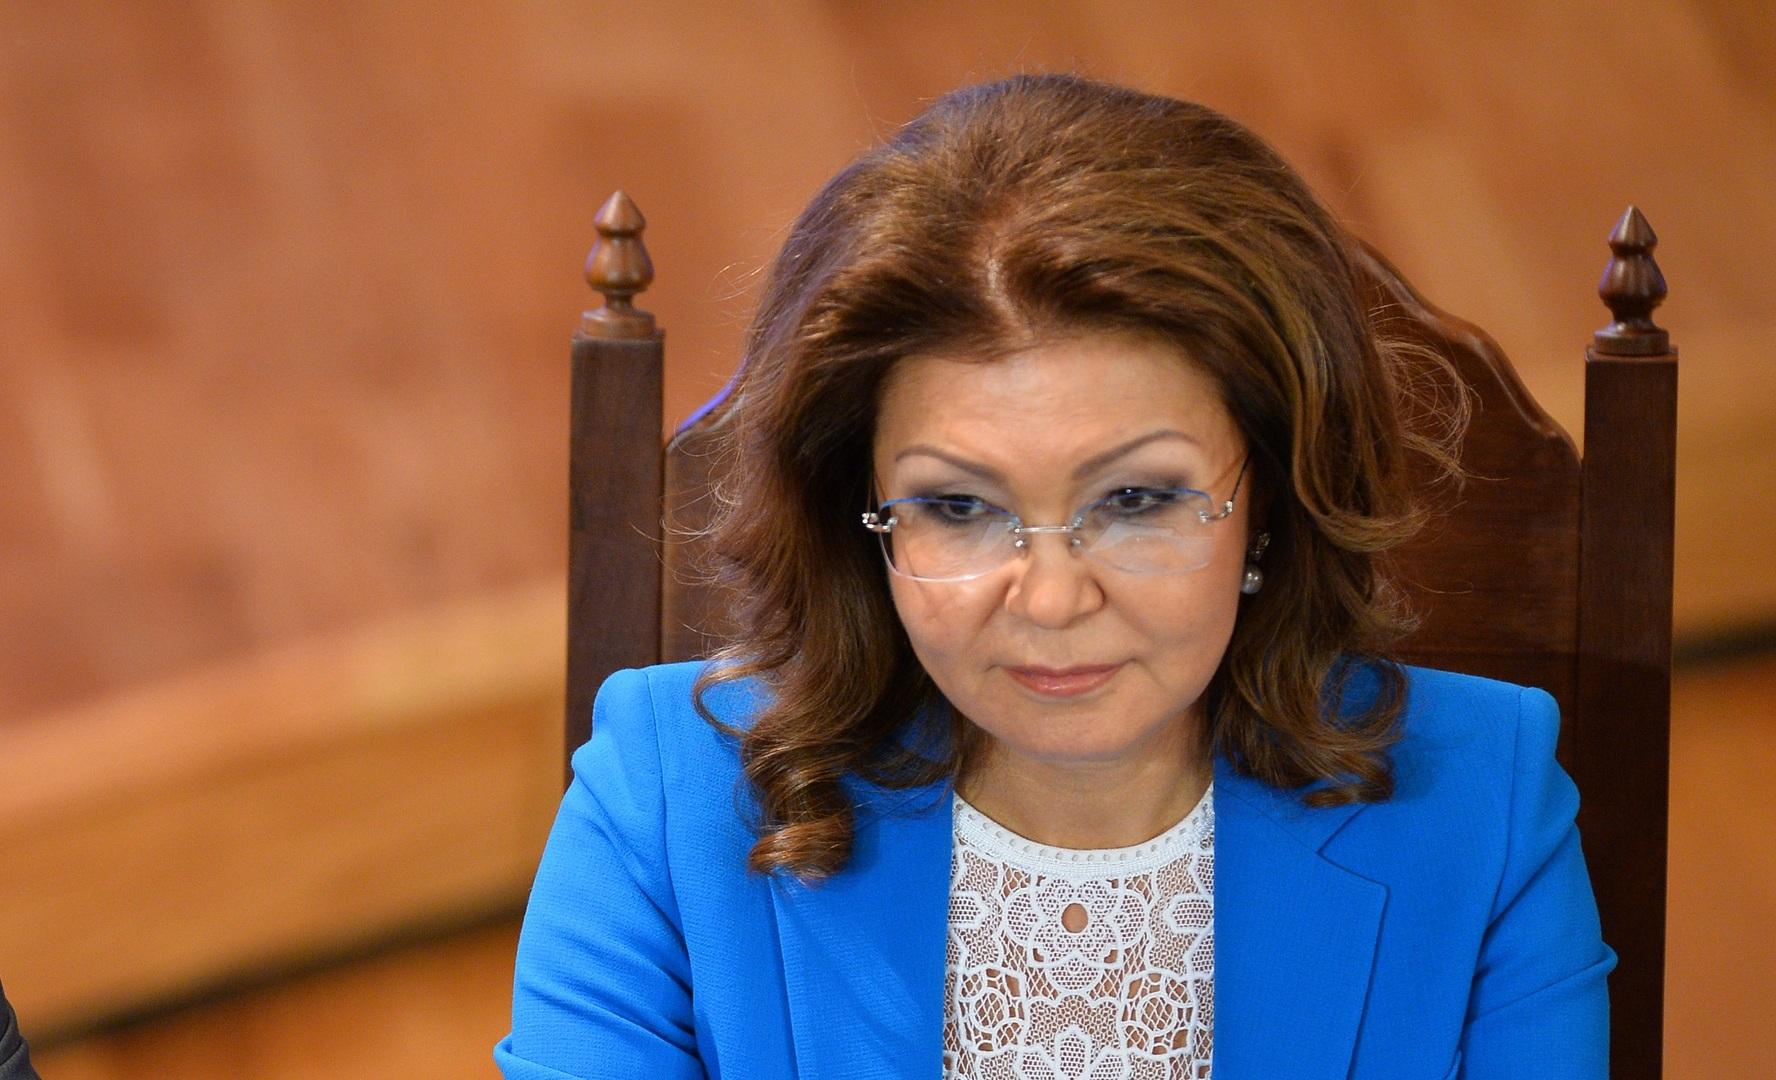 داريغا نزاربايفا ابنة الرئيس الكازاخستاني السابق نور سلطان نزاربايف، أرشيف